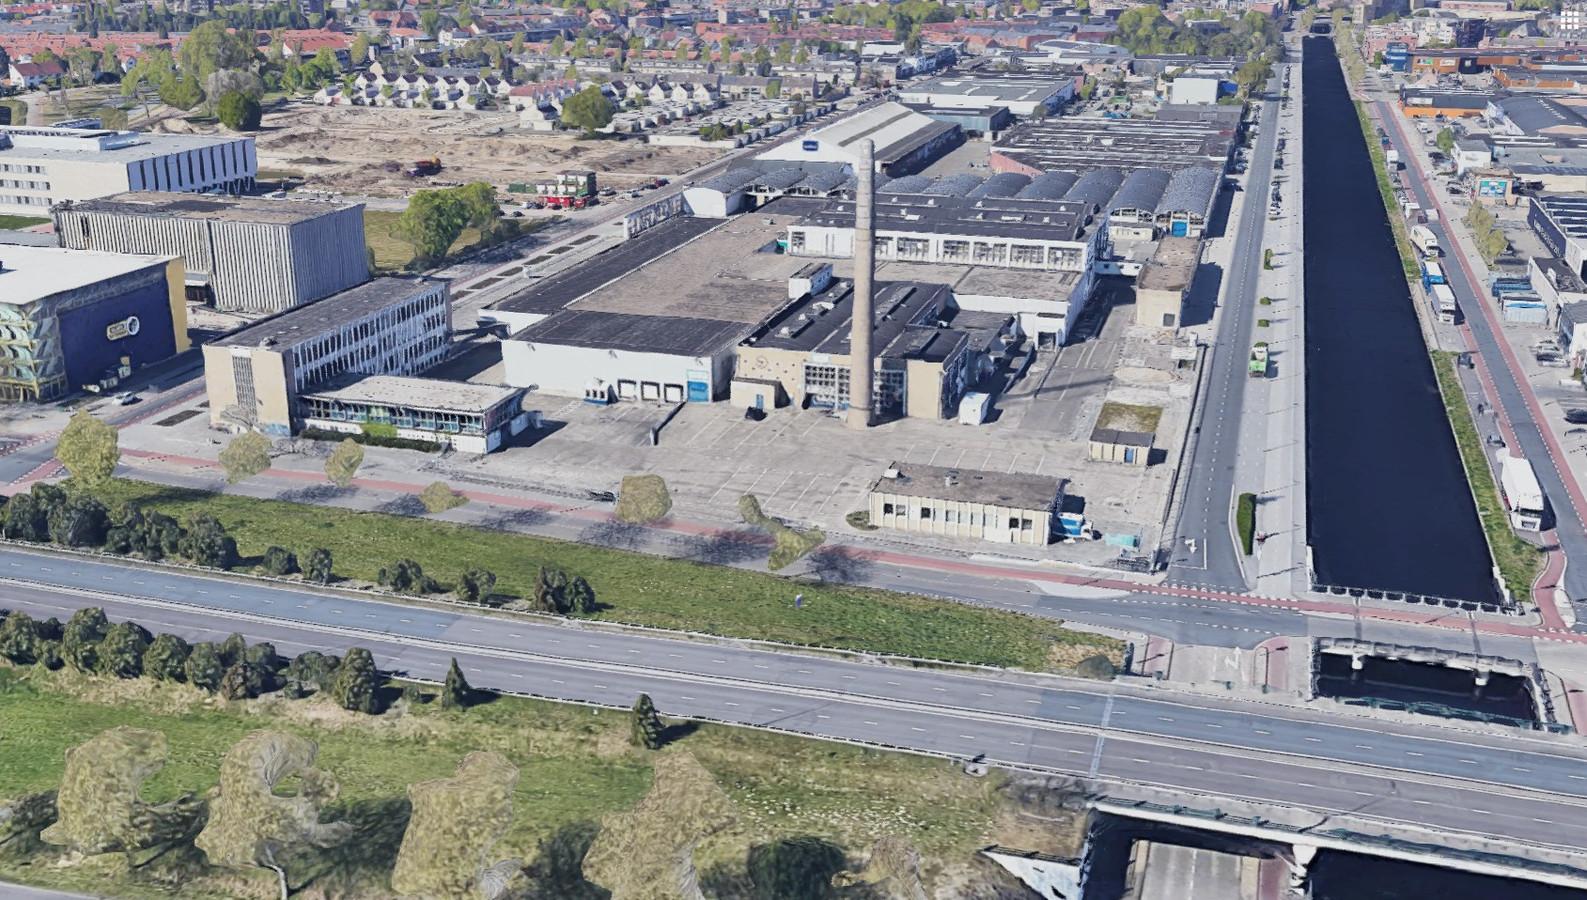 Google Maps-beeld van het Campinaterrein in Eindhoven met op de voorgrond de Ring, de Hugo van der Goeslaan op een wel heel stil moment. De  weg met veel verkeer maakt woningbouw lastig op het terrein.